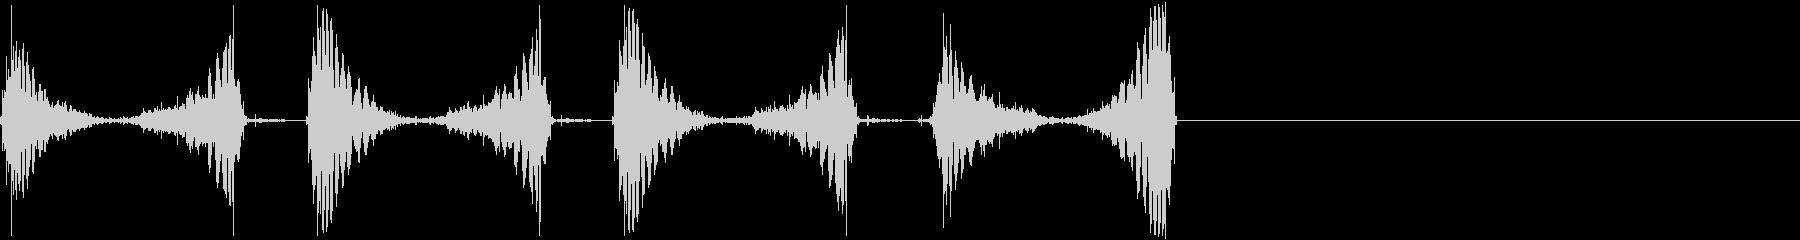 DJスクラッチ/ジュクジュク/A-04の未再生の波形